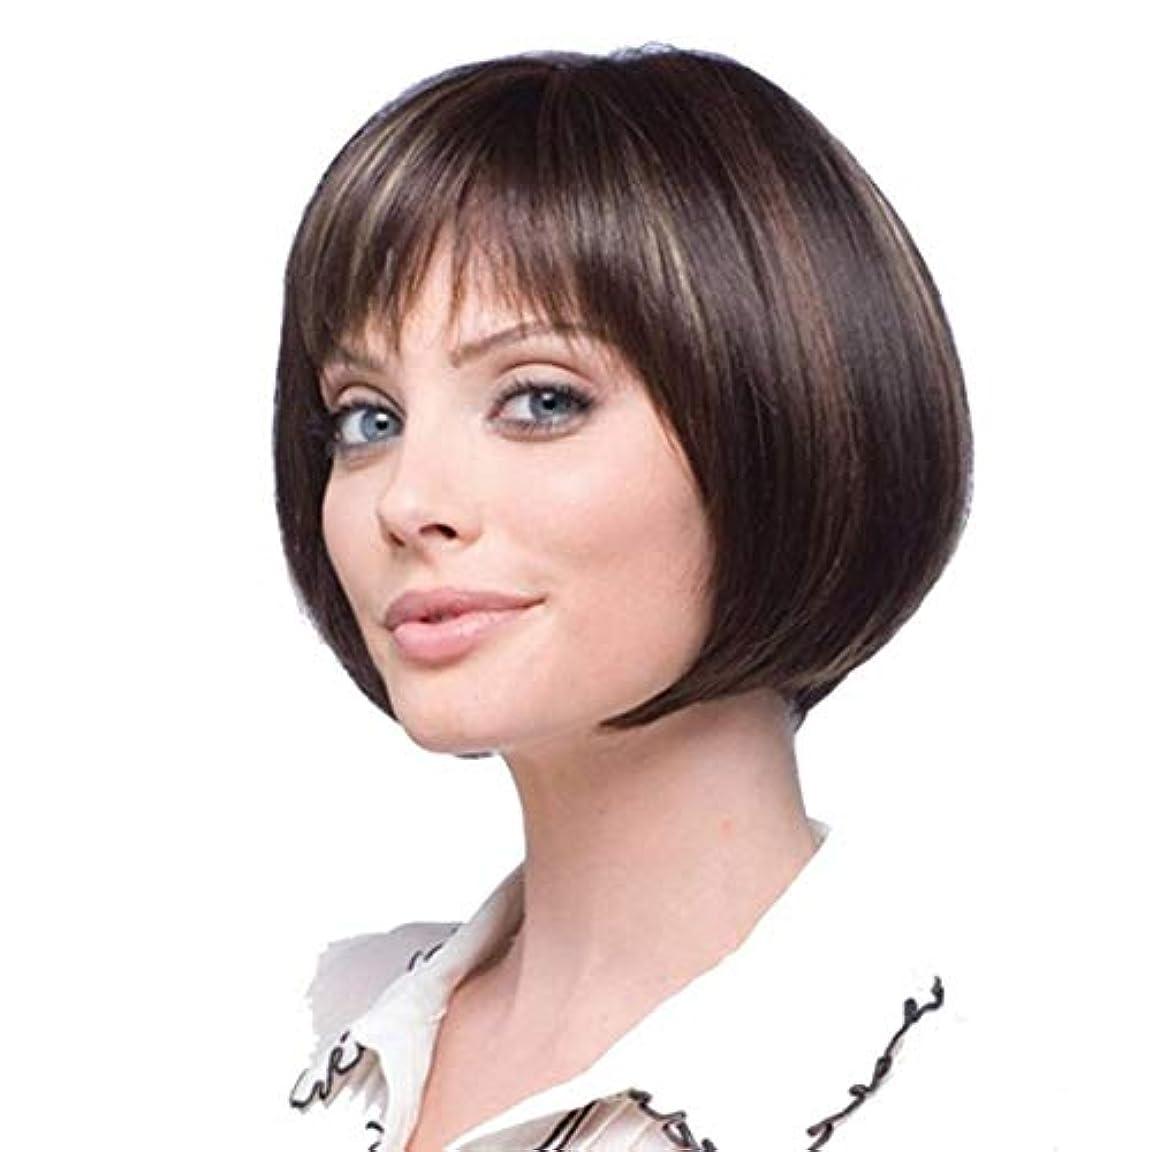 引っ張る比べる粒Kerwinner ショートボブの髪ウィッグストレート前髪付き合成カラフルなコスプレデイリーパーティーウィッグ本物の髪として自然な女性のための